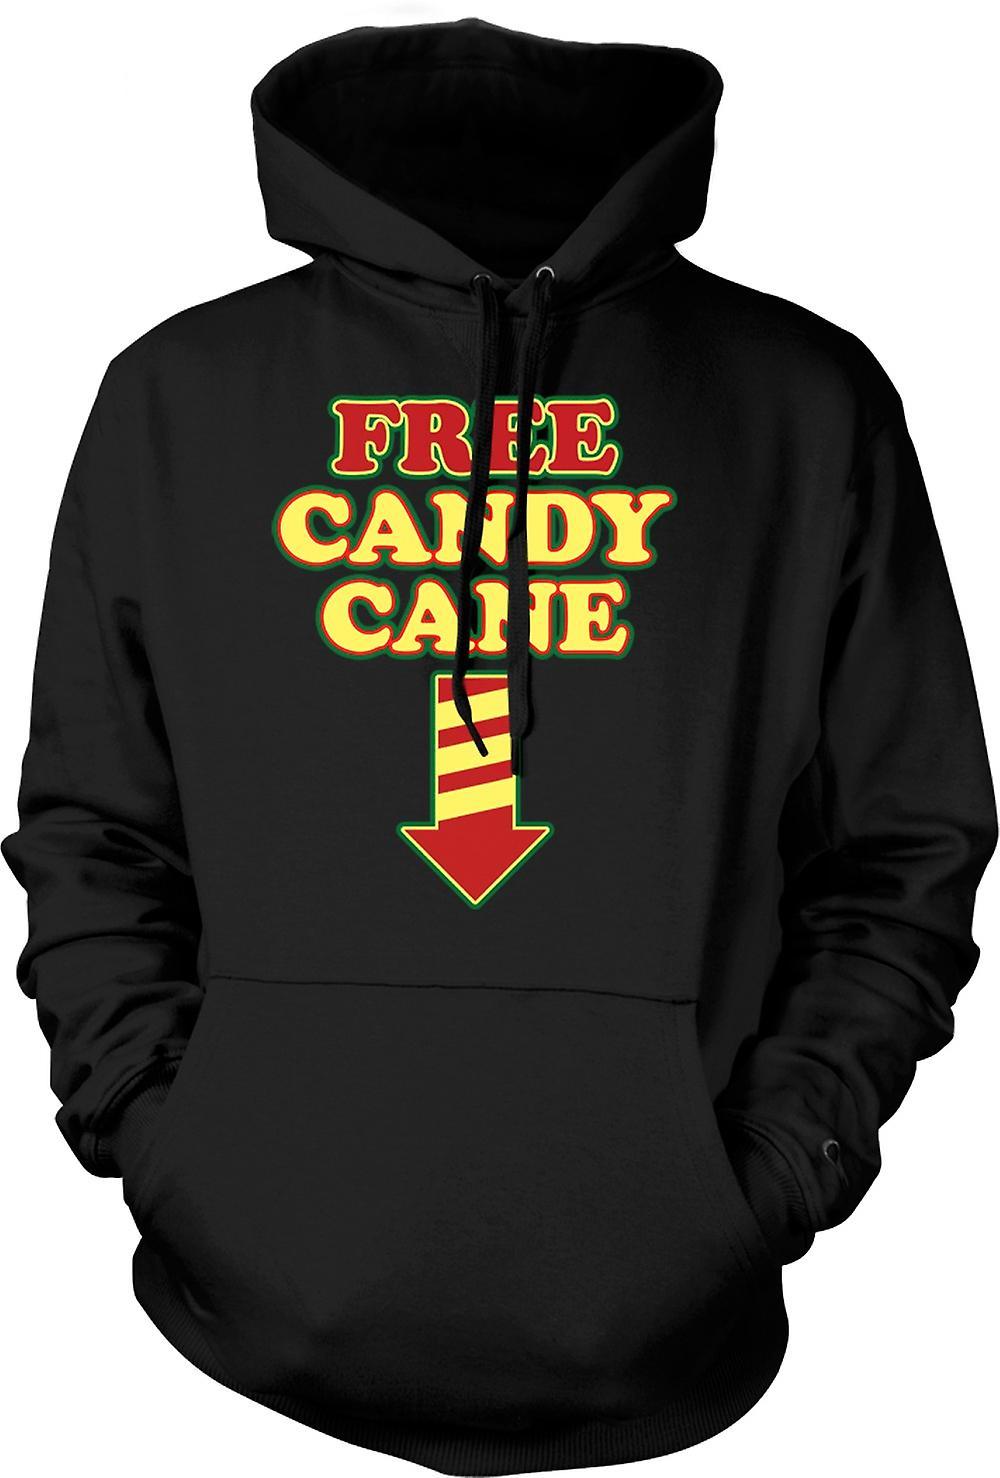 Mens Hoodie - gratuit Candy Cane - Noël drôle